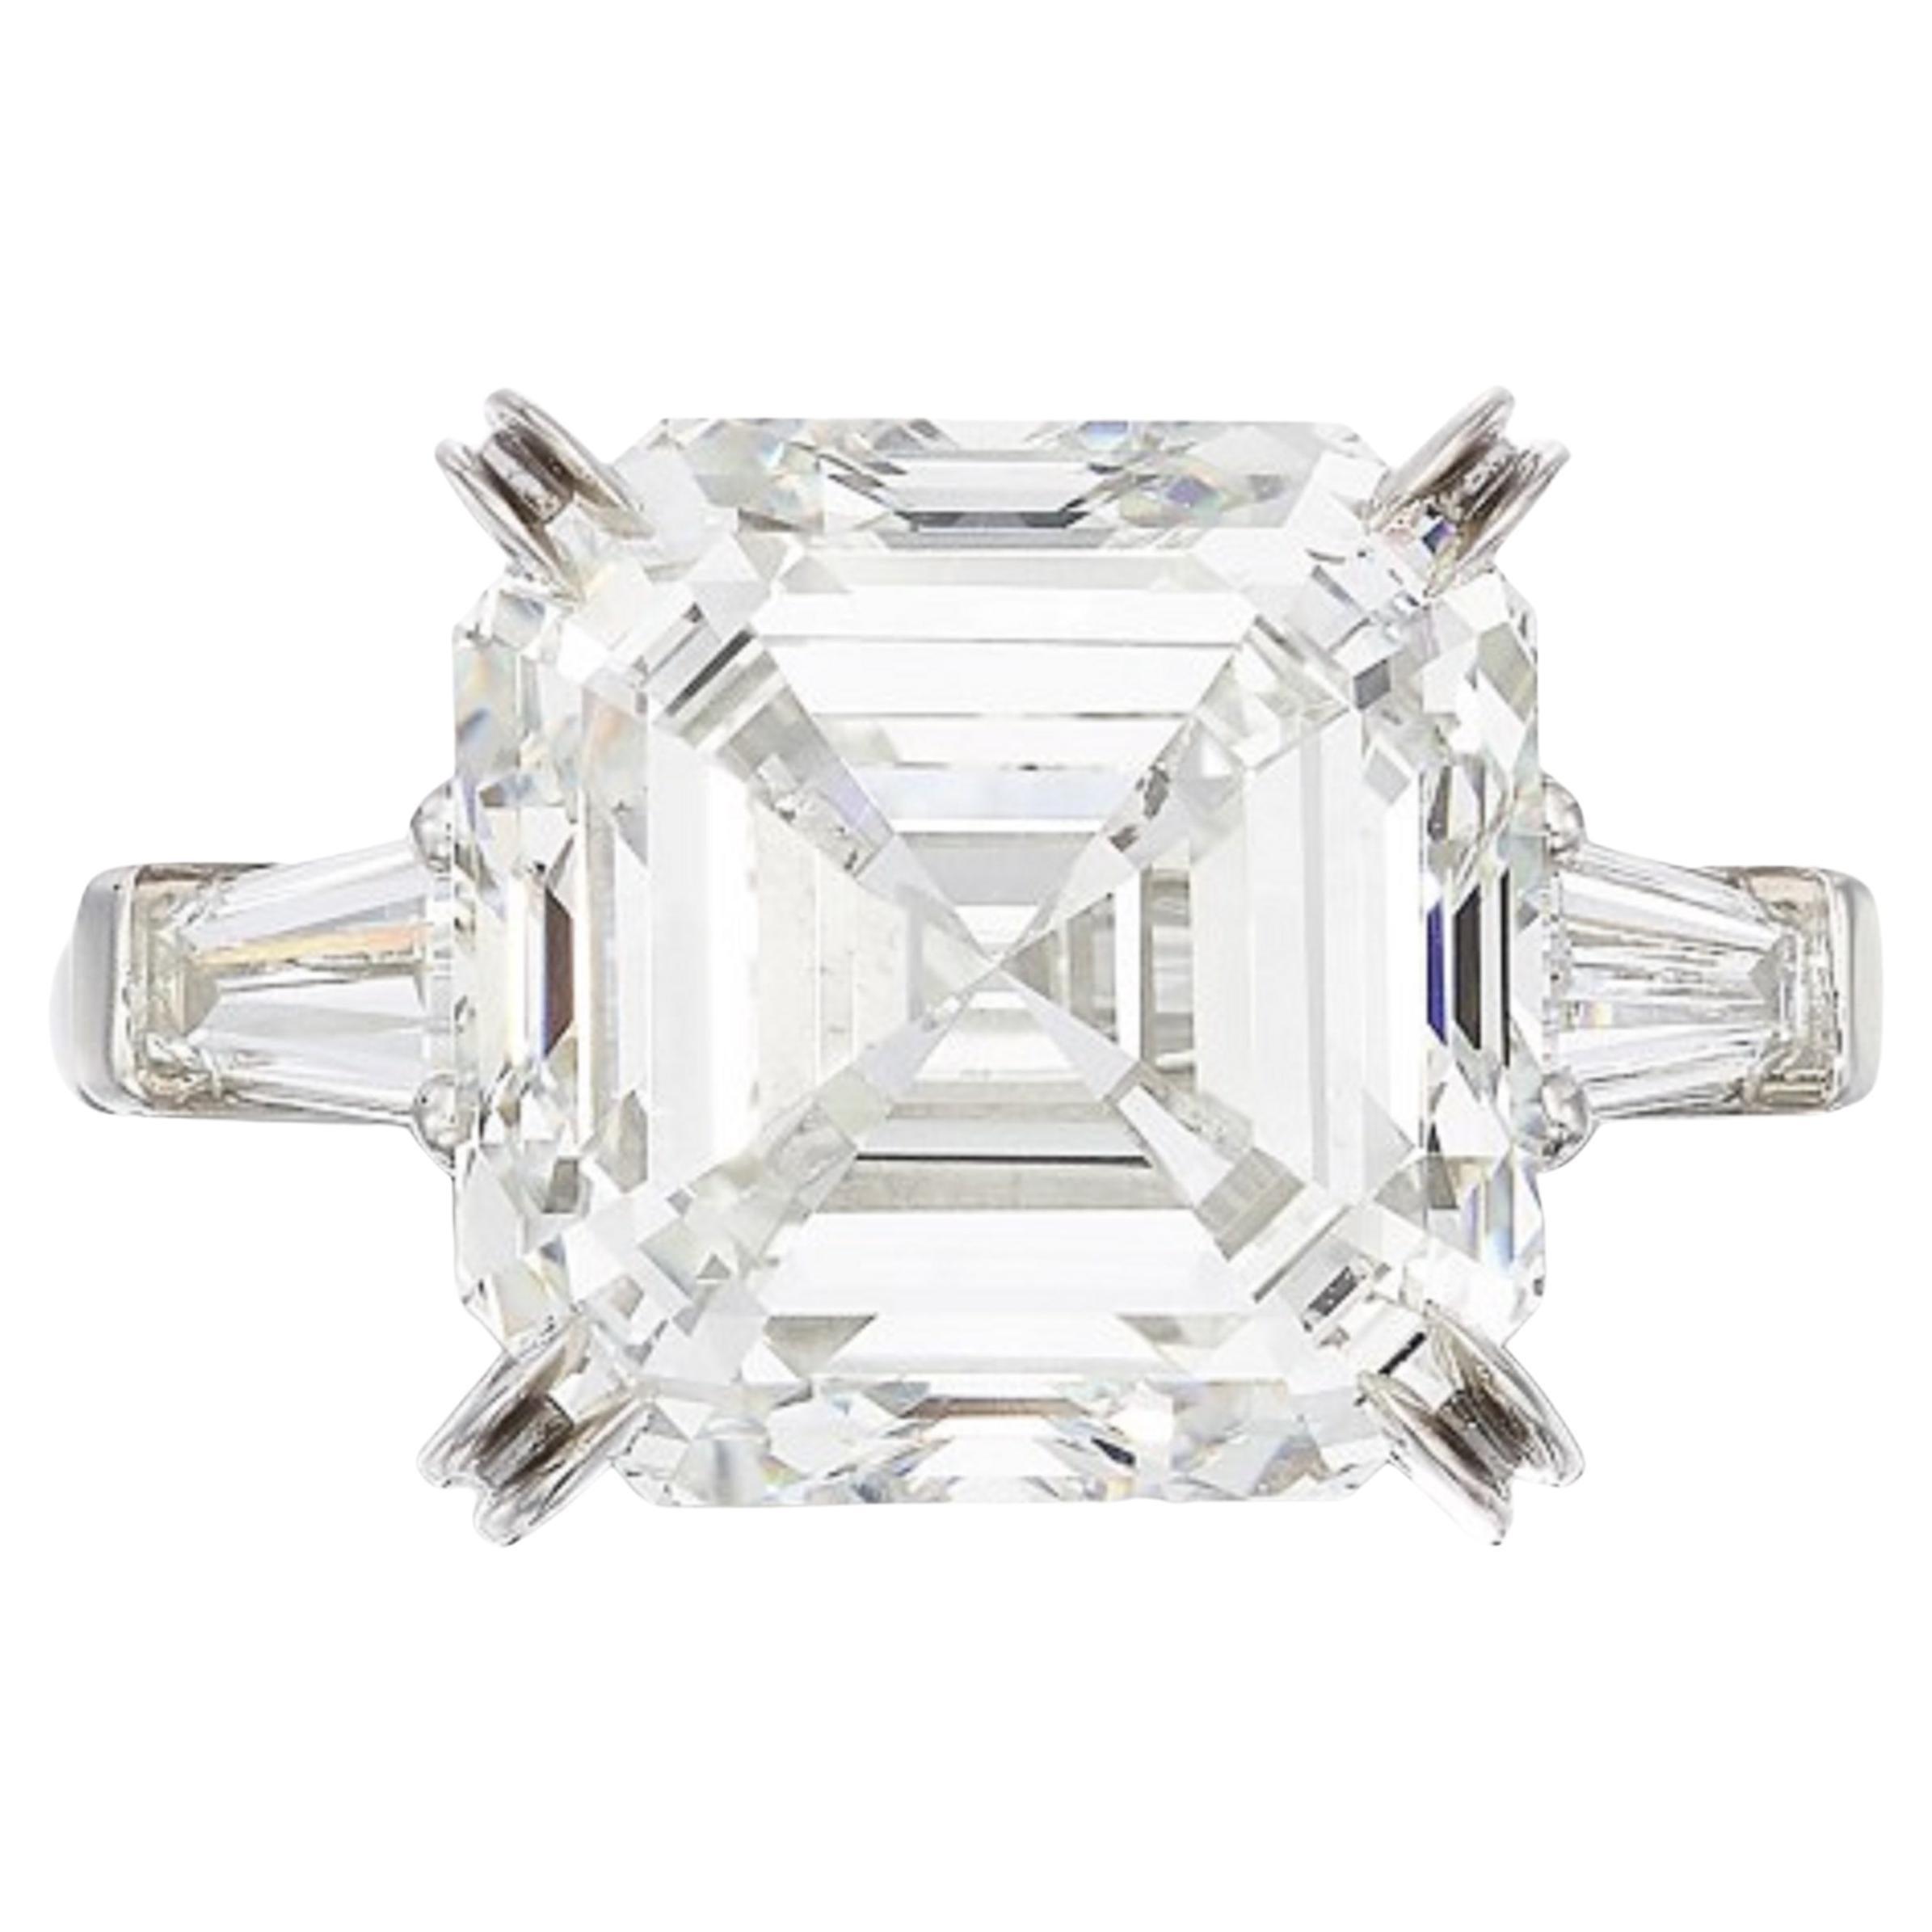 GIA Certified 10 Carat Asscher Cut Diamond Ring